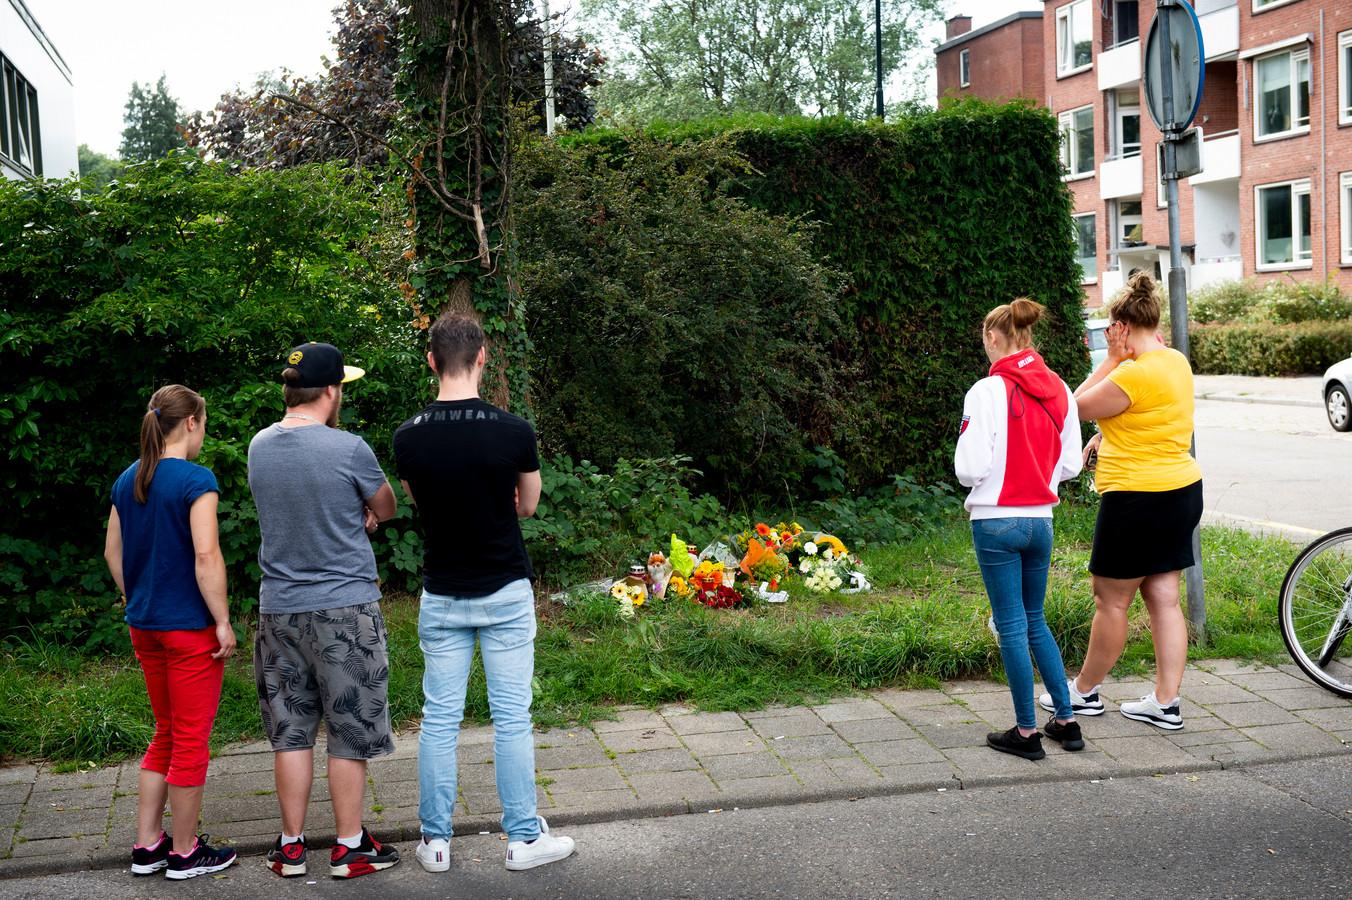 In de berm van de Kayersdijk en de kruising met de Haringvliet, op de plek waar Mike ter Halle met fatale gevolgen is aangereden, worden bloemen neergelegd ter nagedachtenis.